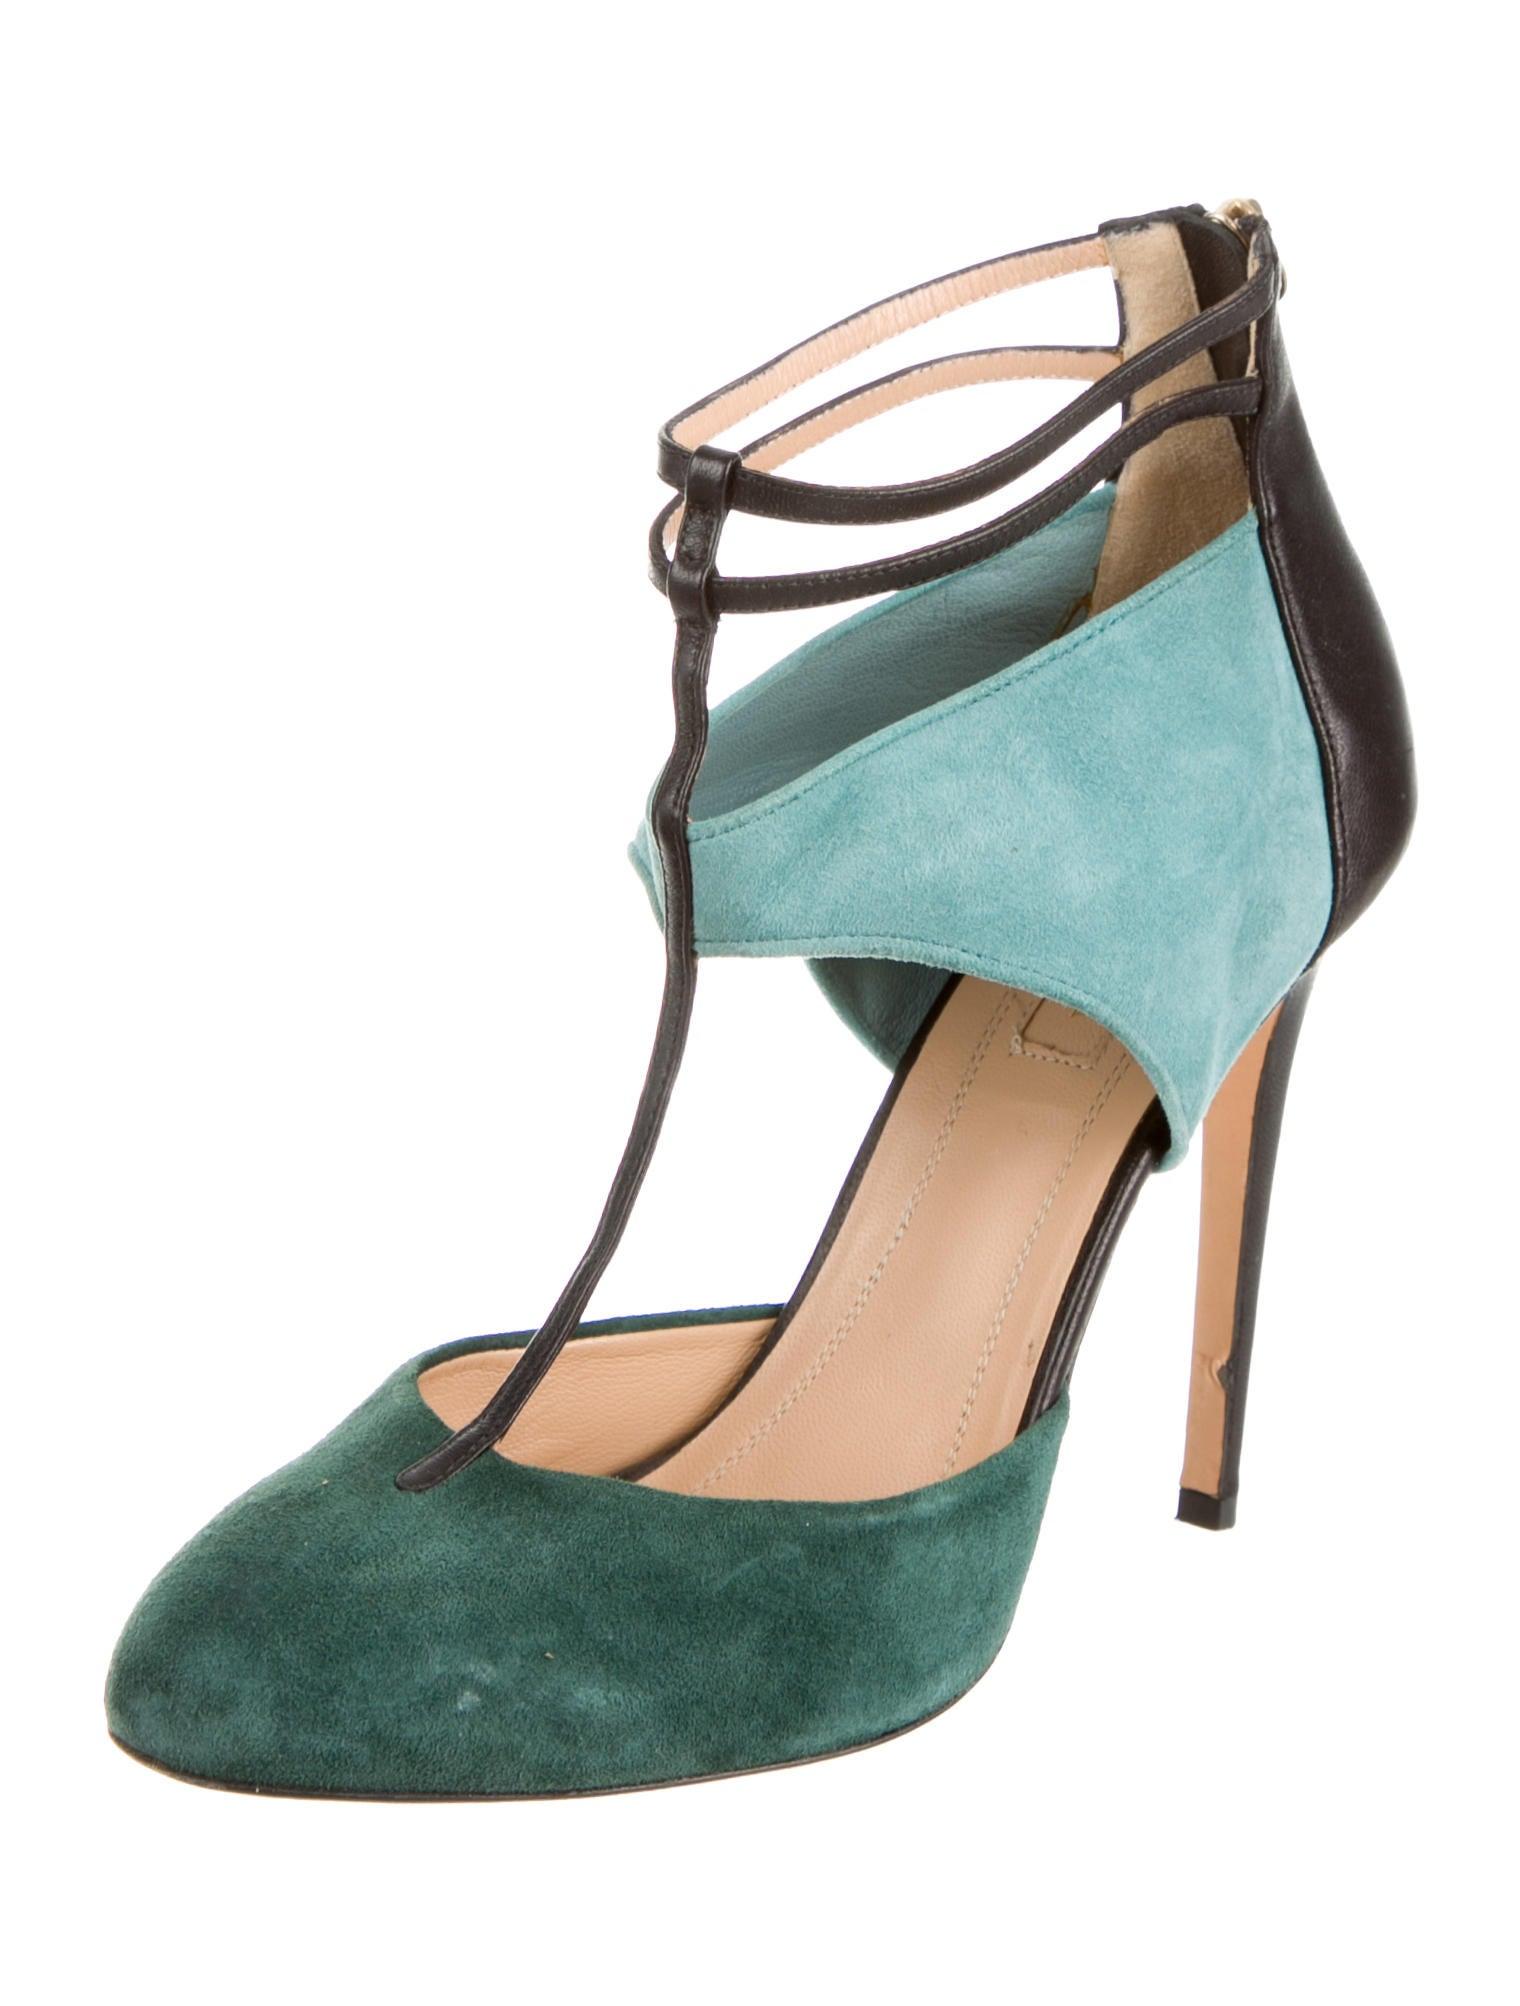 aquazzura t strap pumps shoes aqz20377 the realreal. Black Bedroom Furniture Sets. Home Design Ideas